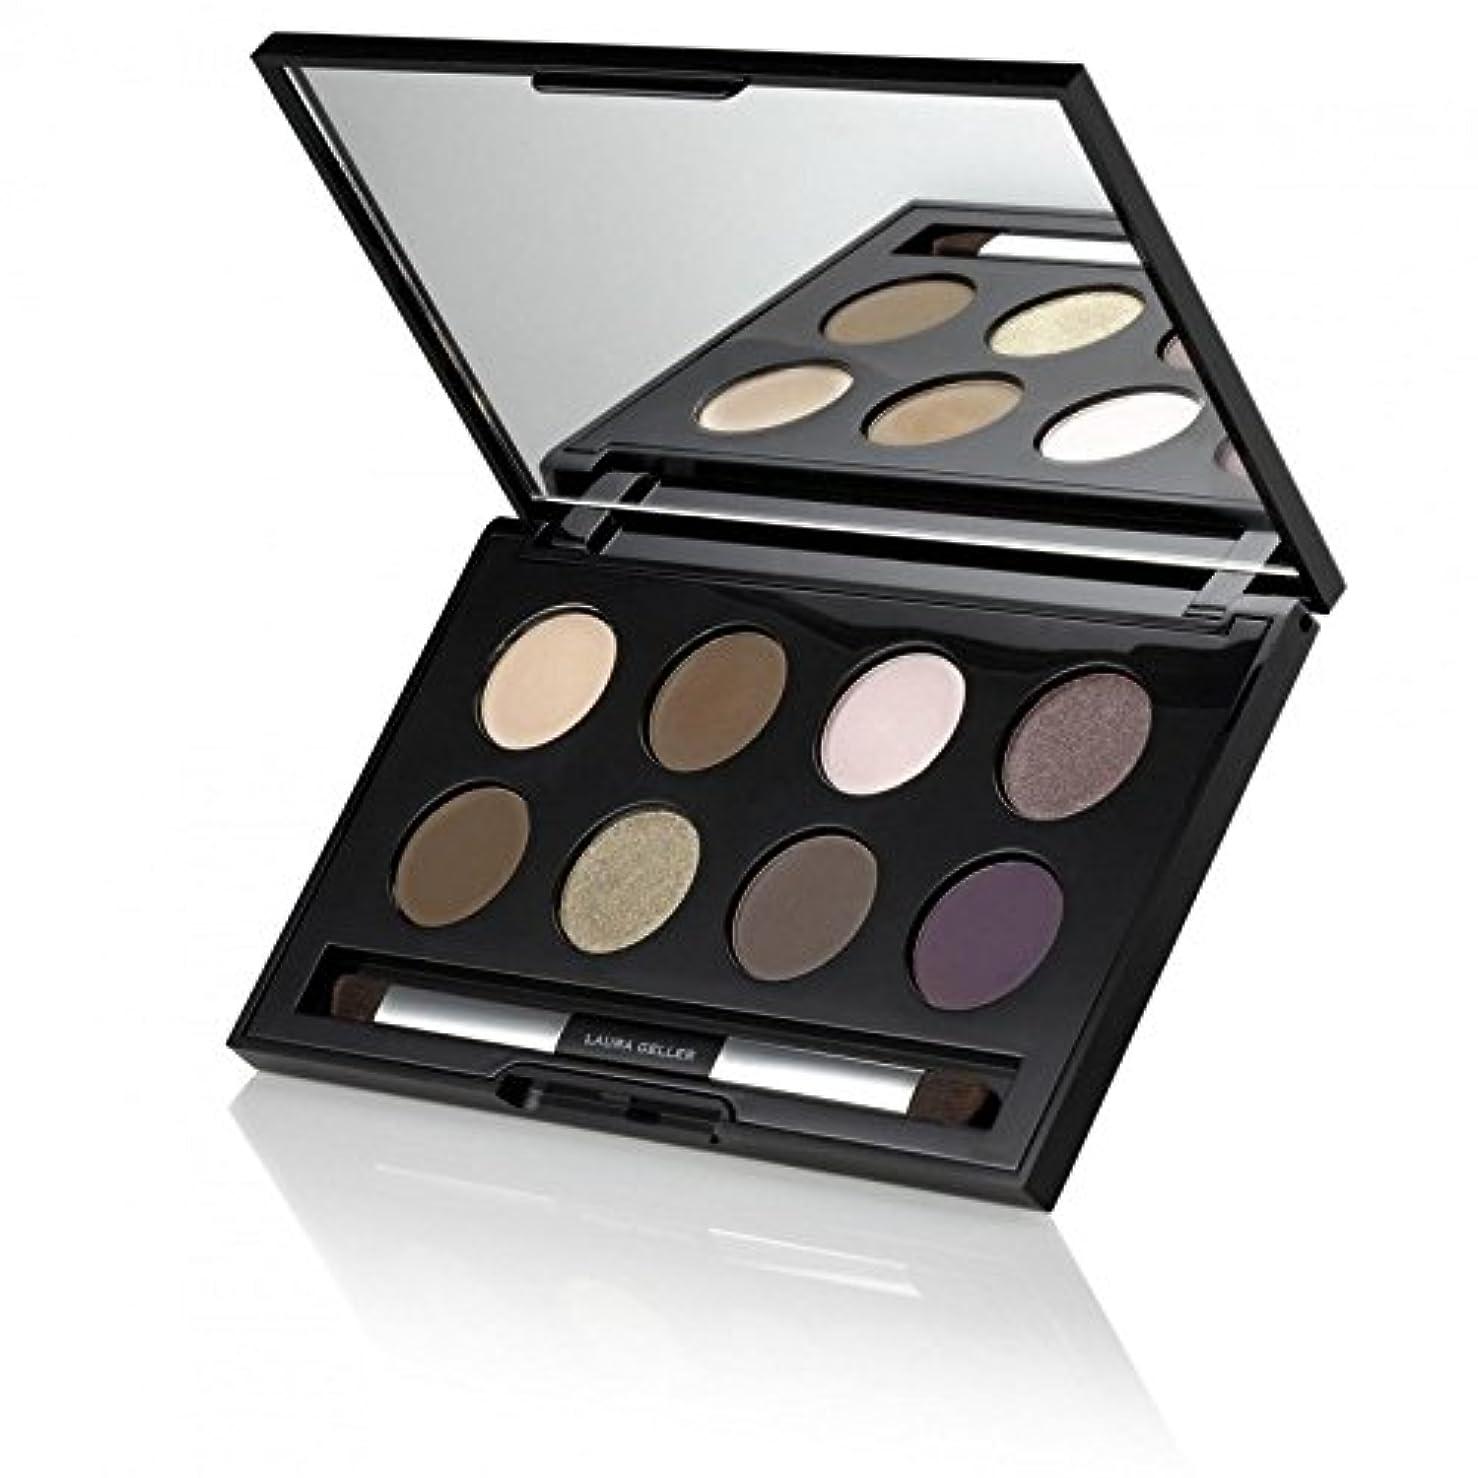 手段助けて引き受けるローラ?ゲラーは、ダブルエンドブラシで焼いたアイシャドウパレットを釉薬 x2 - Laura Geller Creme Glaze Baked Eyeshadow Palette With Double-Ended Brush (Pack of 2) [並行輸入品]